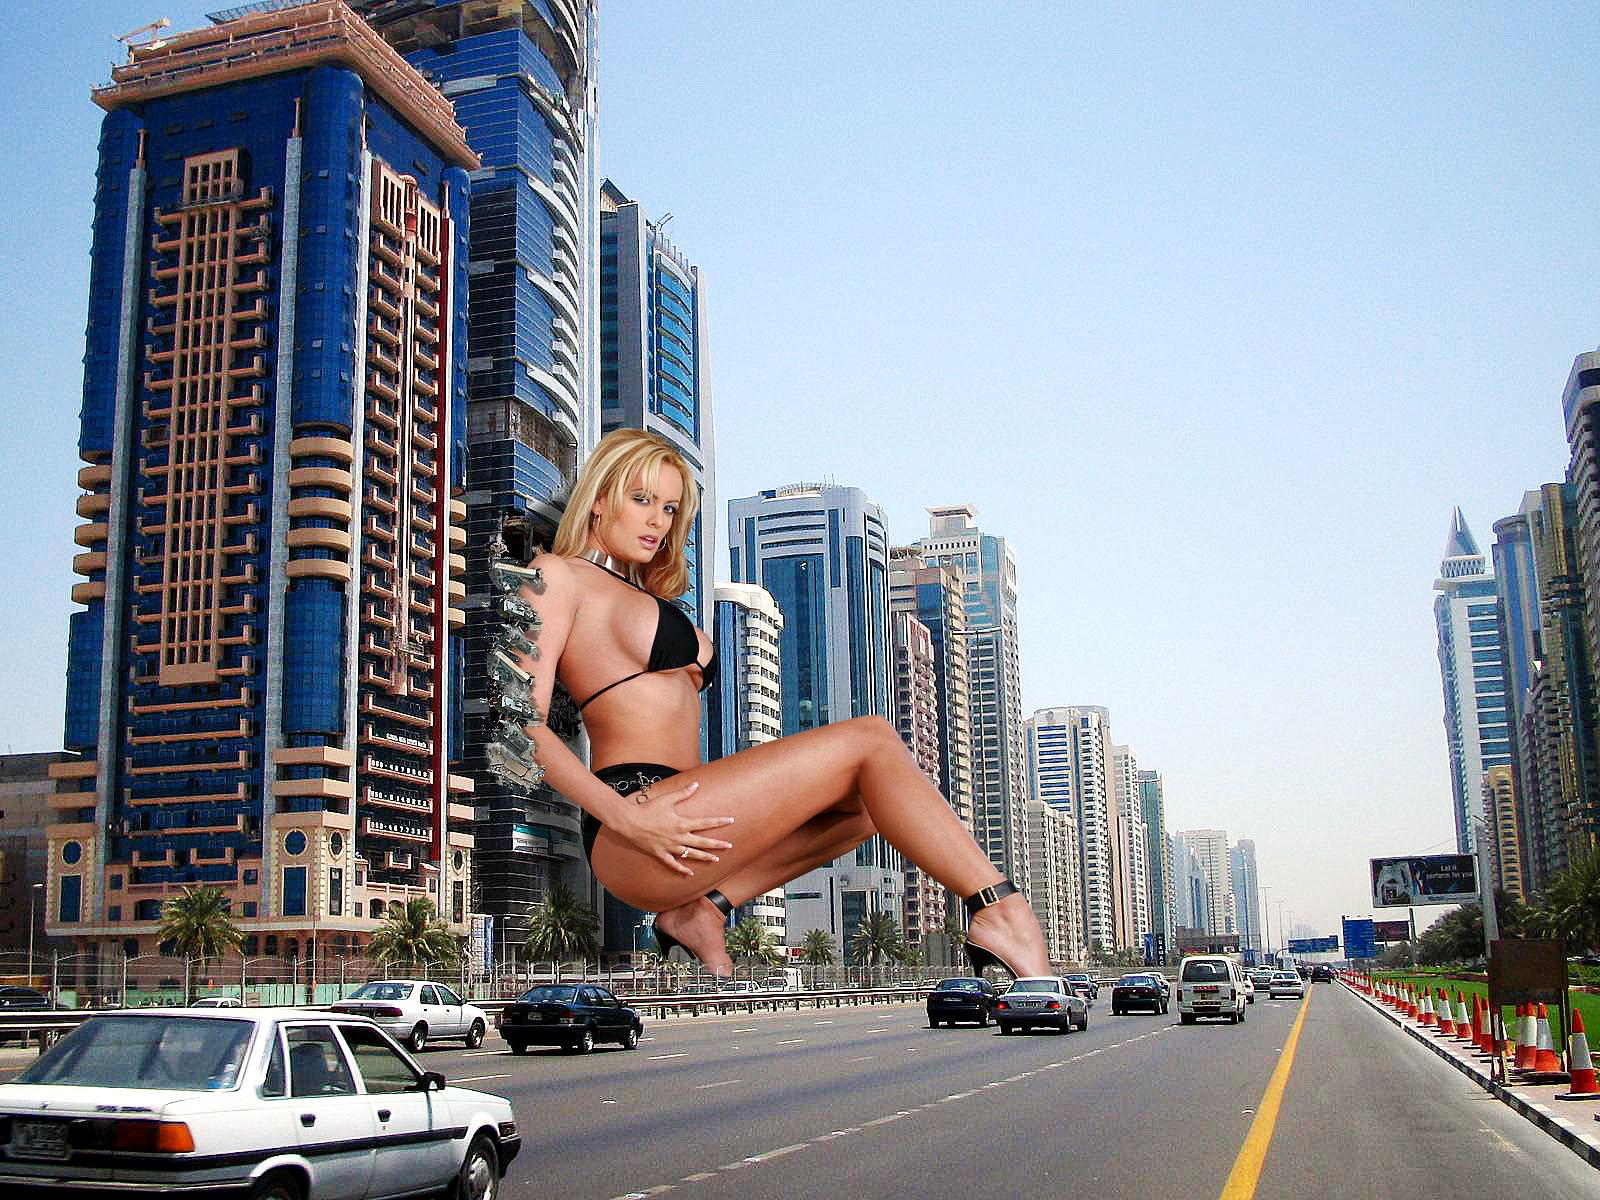 162078 - bikini_top blonde buildings cars city collage destruction giantess high_heels leaning legs looking_at_viewer street wonderslug